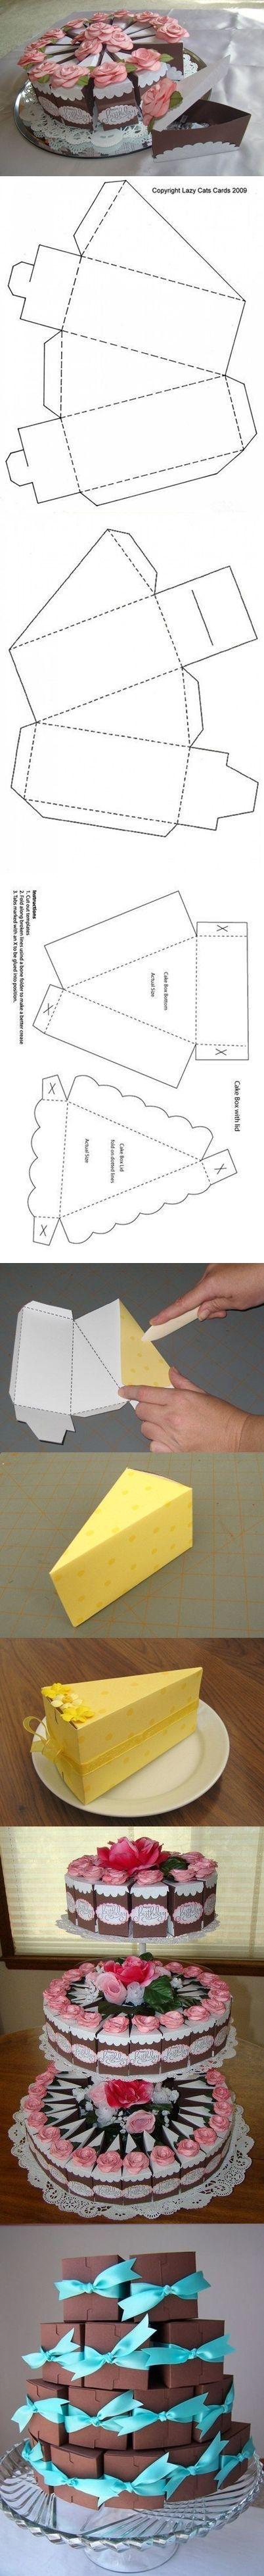 Kartondan Şekiller ve Yapılışları , #kartonkutukaplama #kartondangeometrikşekillernasılyapılır #kartondanneleryapılır #kartondansüsler , Kartondan şekiller ve yapılan süsler ile birçok çalışma yapabilirsiniz. Çocuklarımıza etkinlik fikirleri hazırlayabilirsiniz. Civciler, ge...